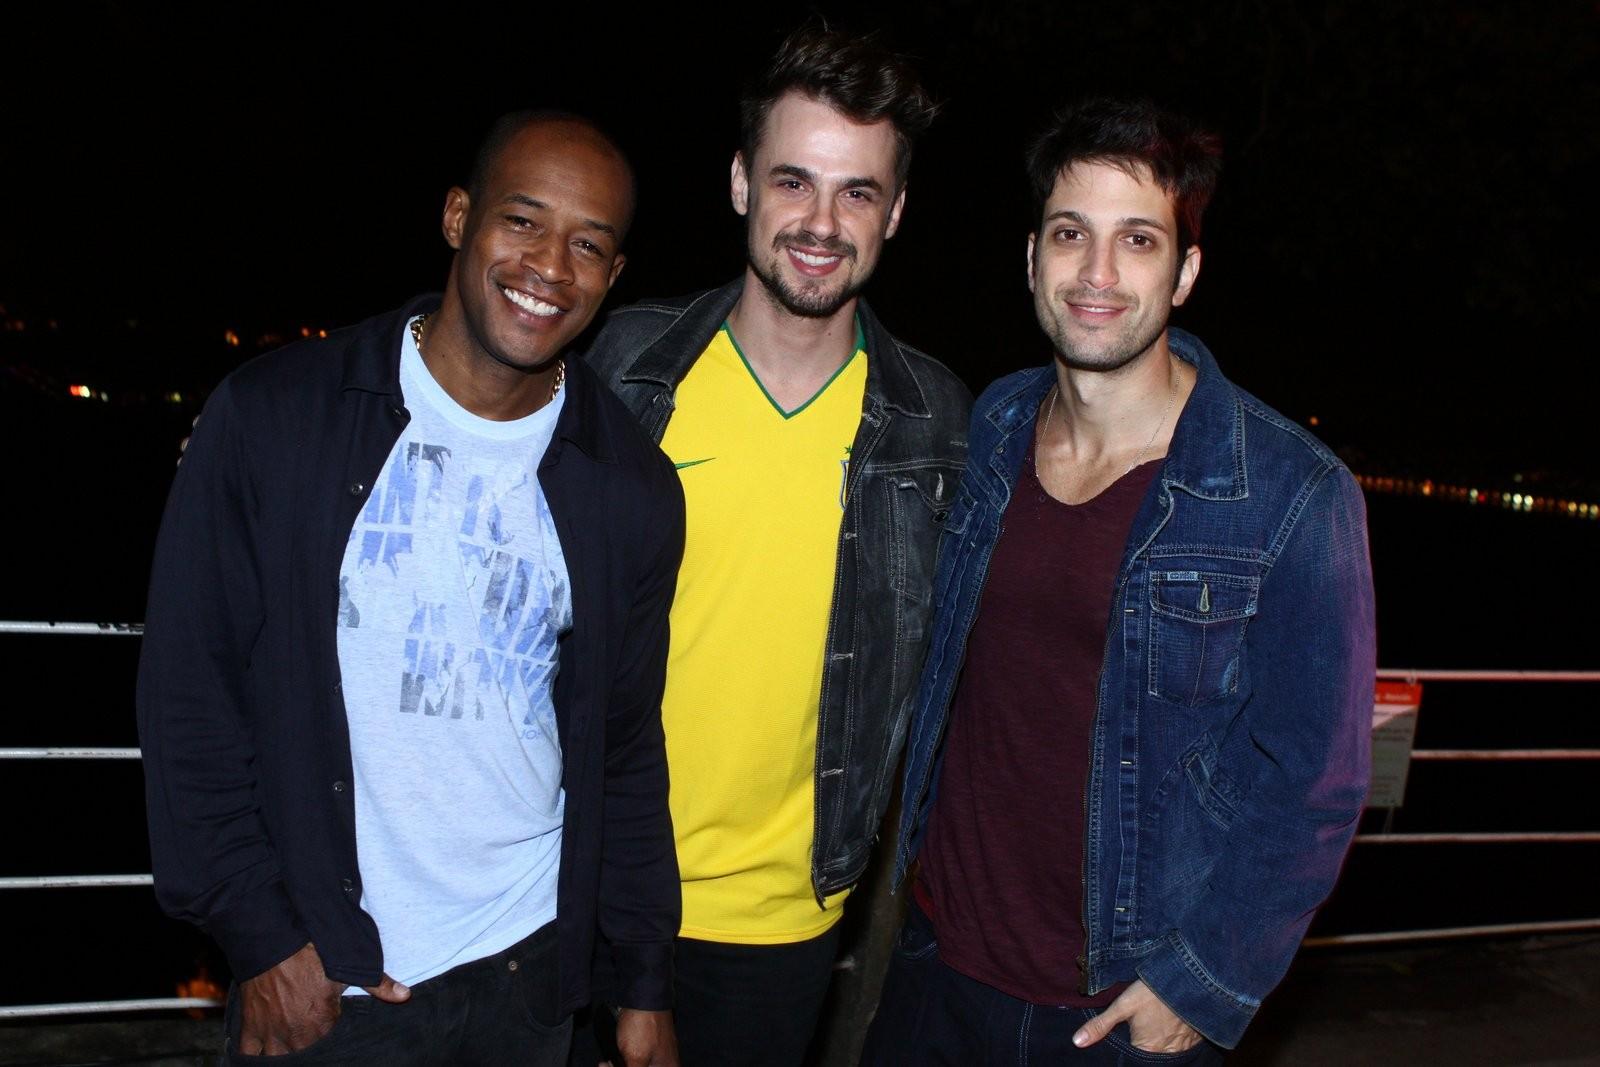 Lui Mendes, Daniel Erthal e Marco Antônio Gimenez (Foto: RAPHAEL MESQUITA / DIVULGAÇÃO)